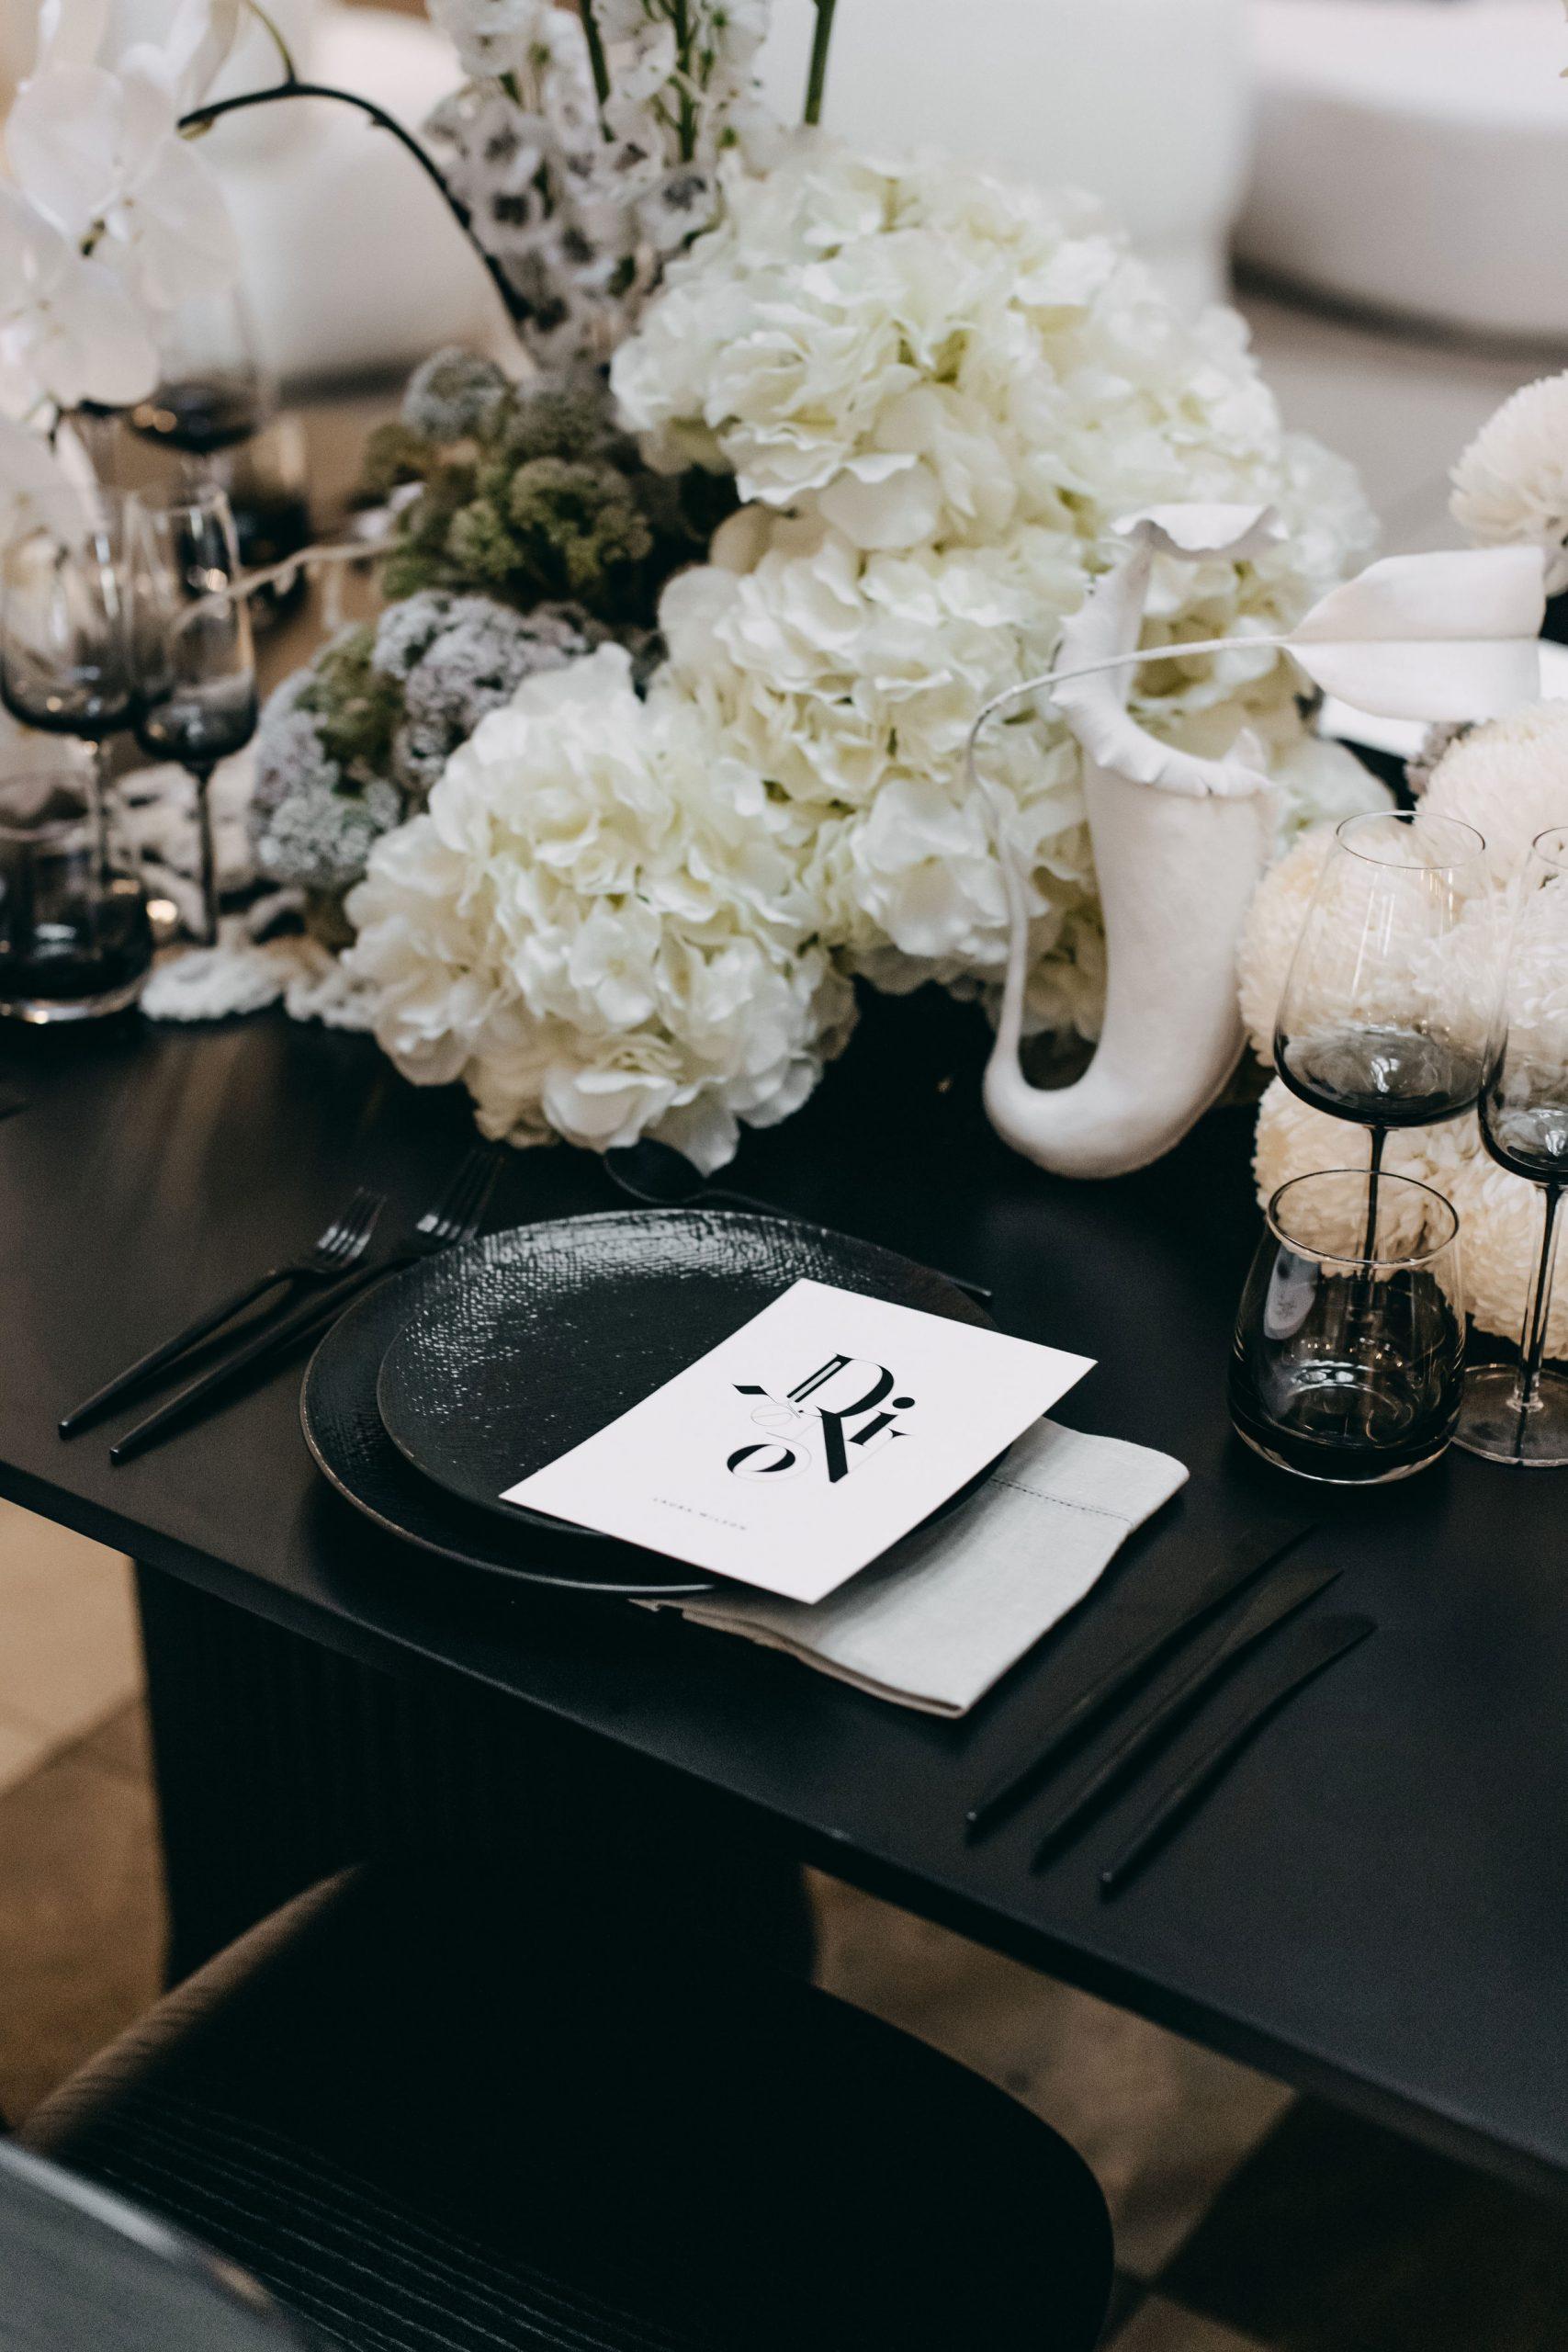 14-WEDDINGOPENDAY-THESTATEBUILDINGS-21FEB2021